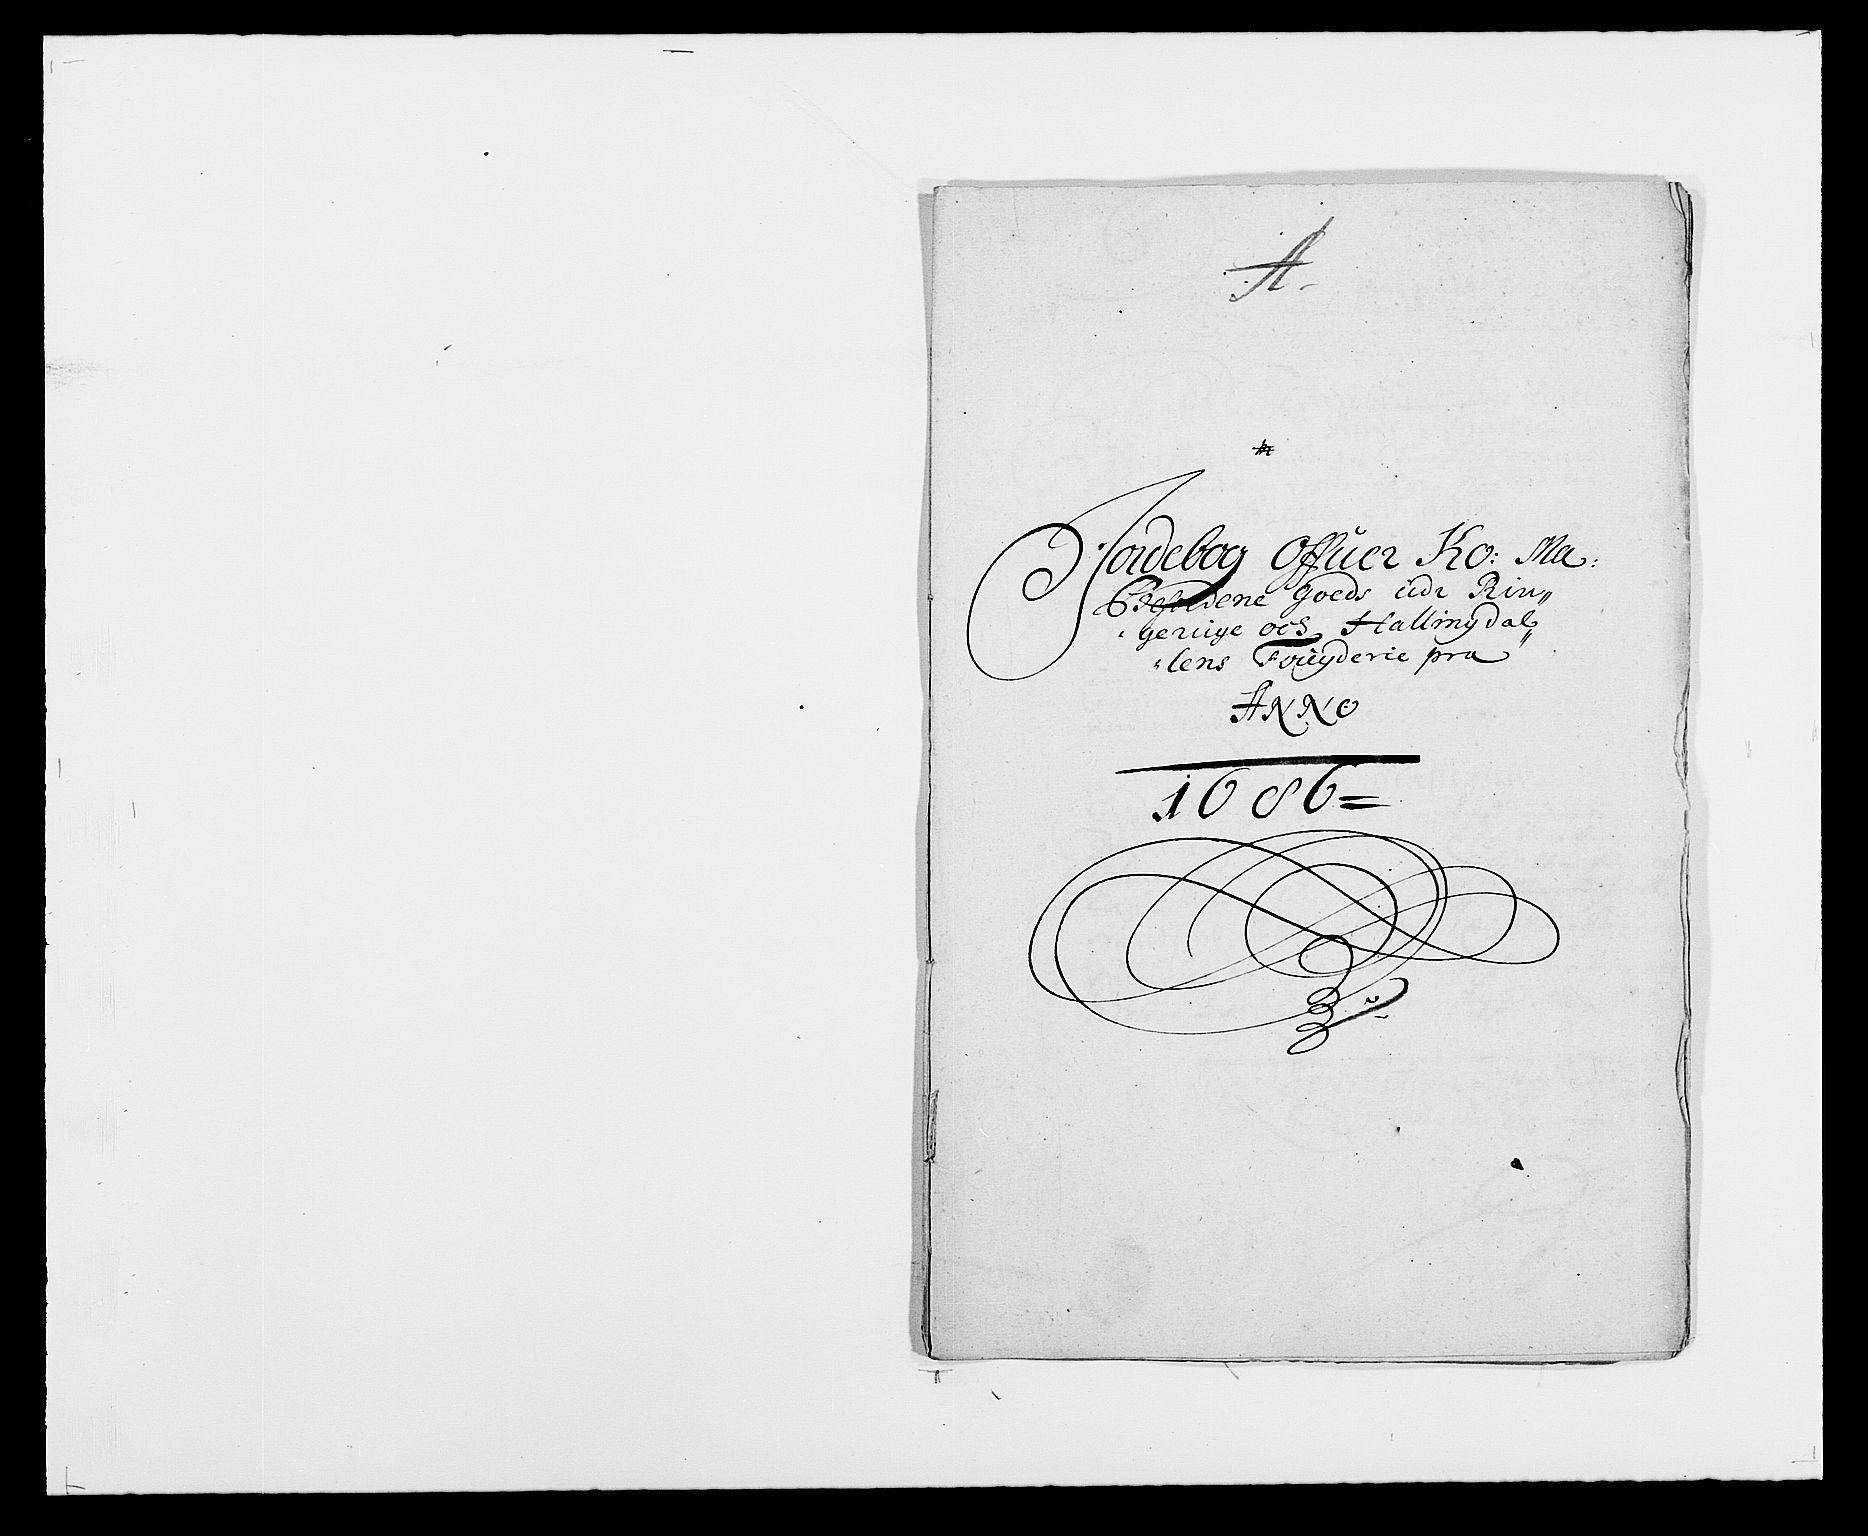 RA, Rentekammeret inntil 1814, Reviderte regnskaper, Fogderegnskap, R21/L1446: Fogderegnskap Ringerike og Hallingdal, 1683-1686, s. 420